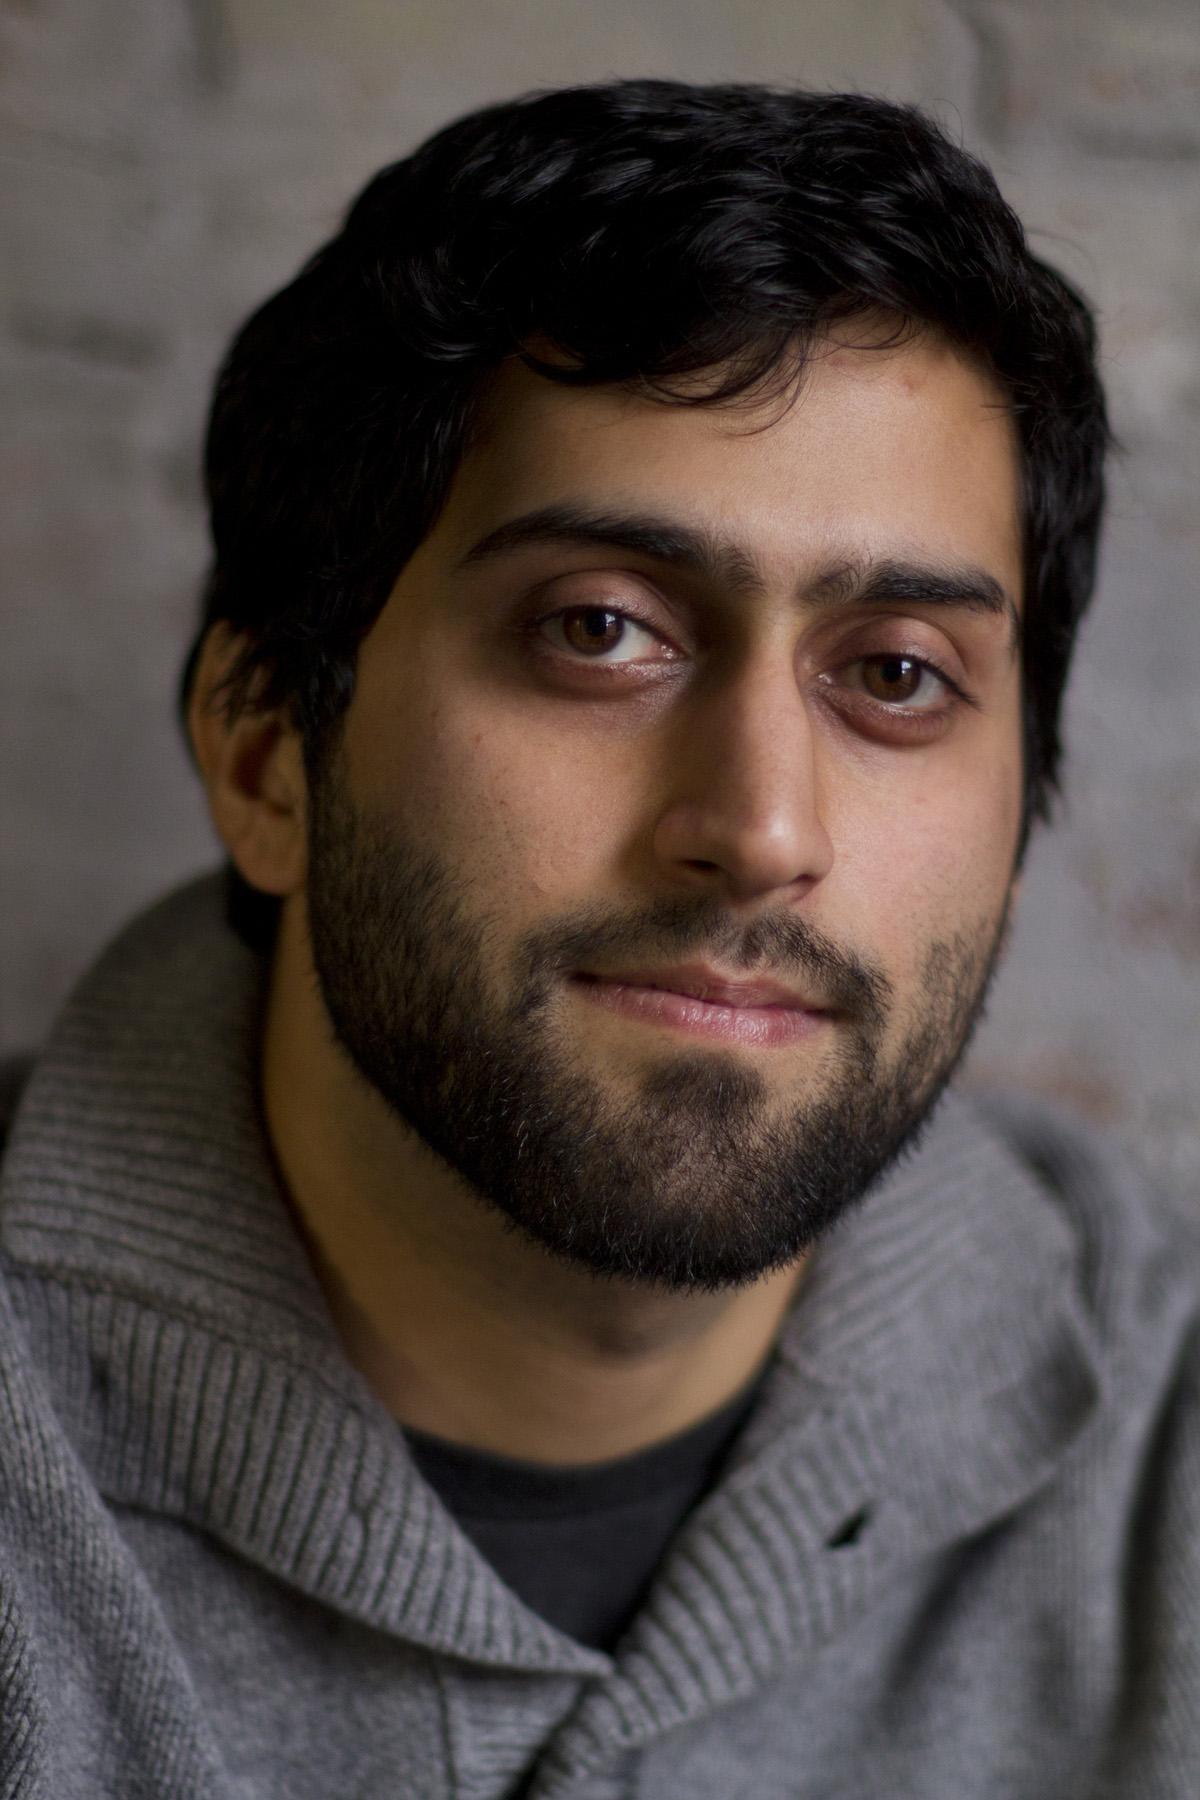 Filmmaker Musa Syeed